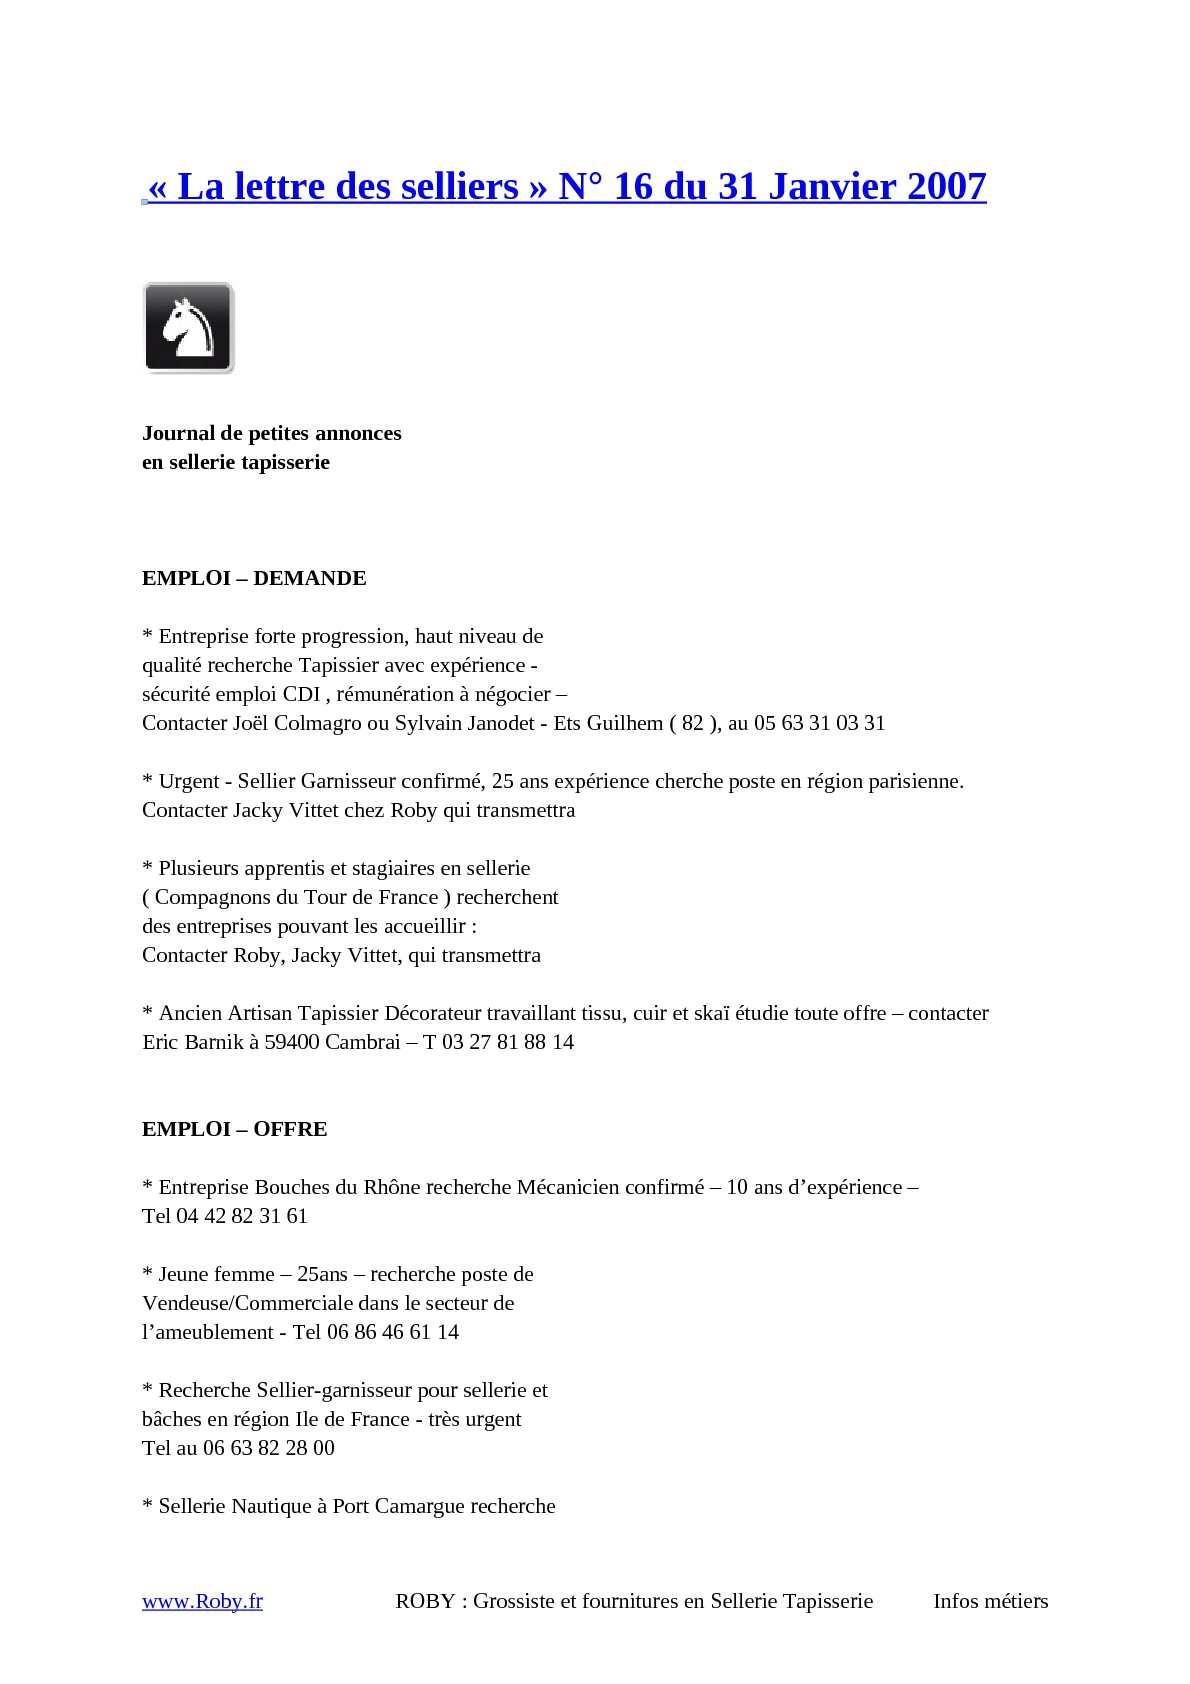 Matériel De Tapissier D Occasion calaméo - roby-fournitures-sellerie-lettre-selliers-16